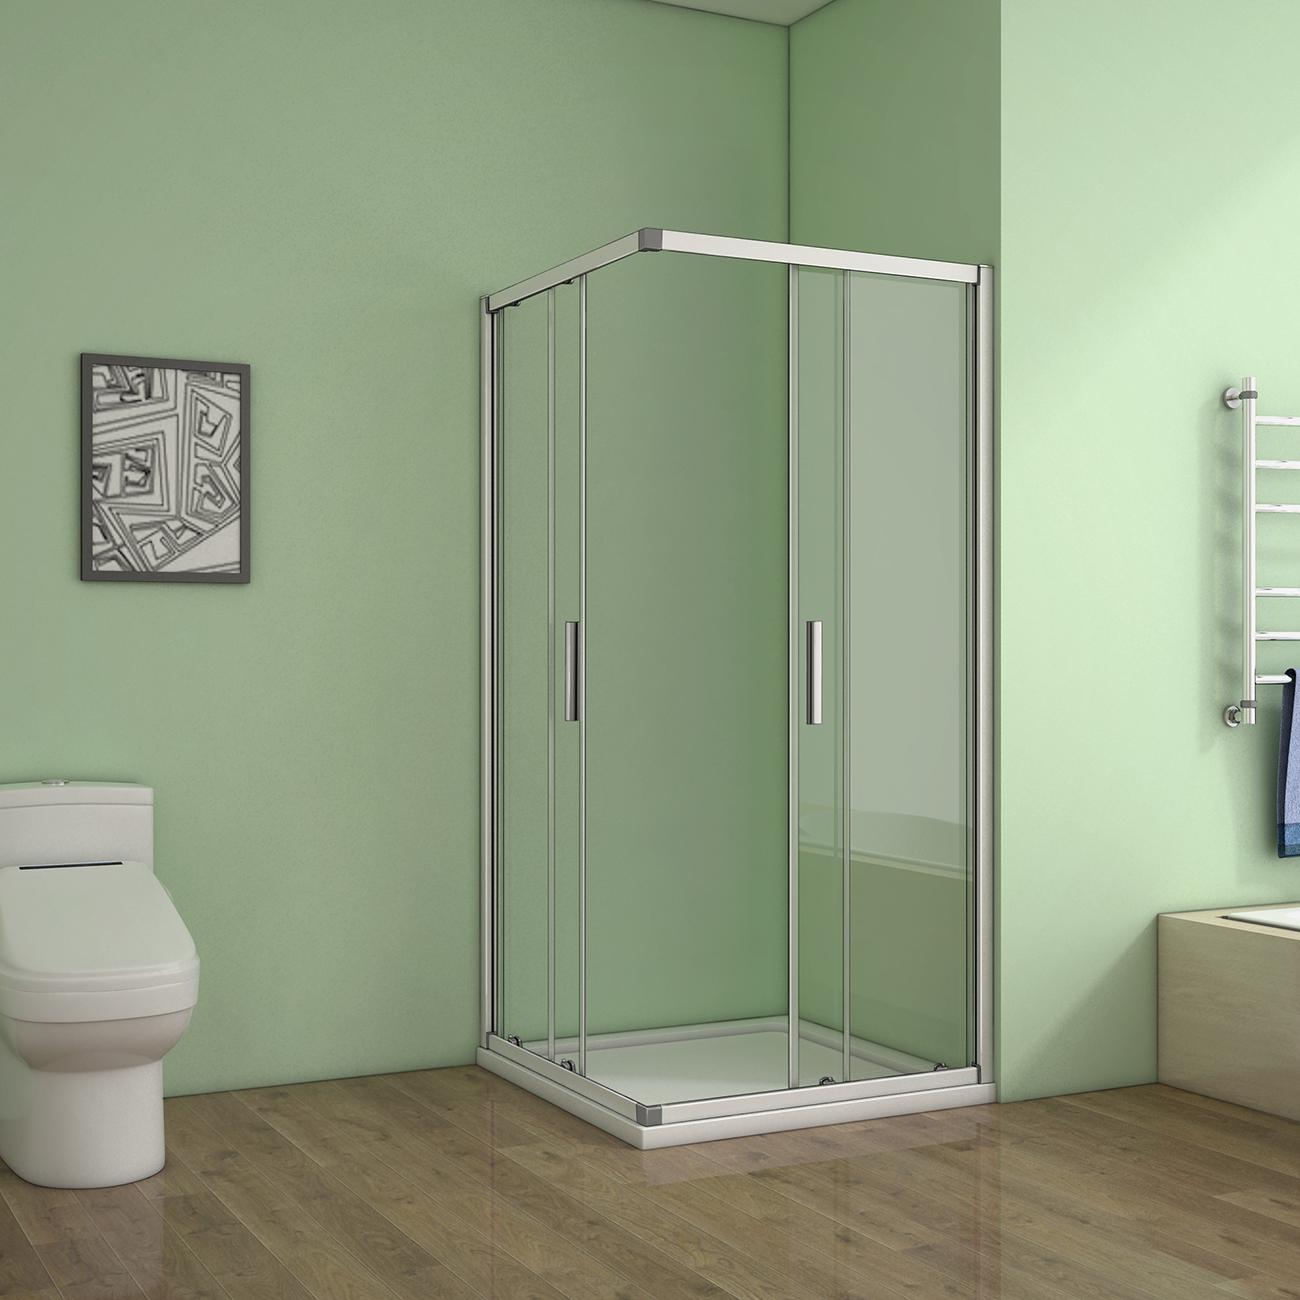 76x76cm eckeinstieg glas duschkabine schiebet r duschabtrennung dusche duschwand ebay. Black Bedroom Furniture Sets. Home Design Ideas